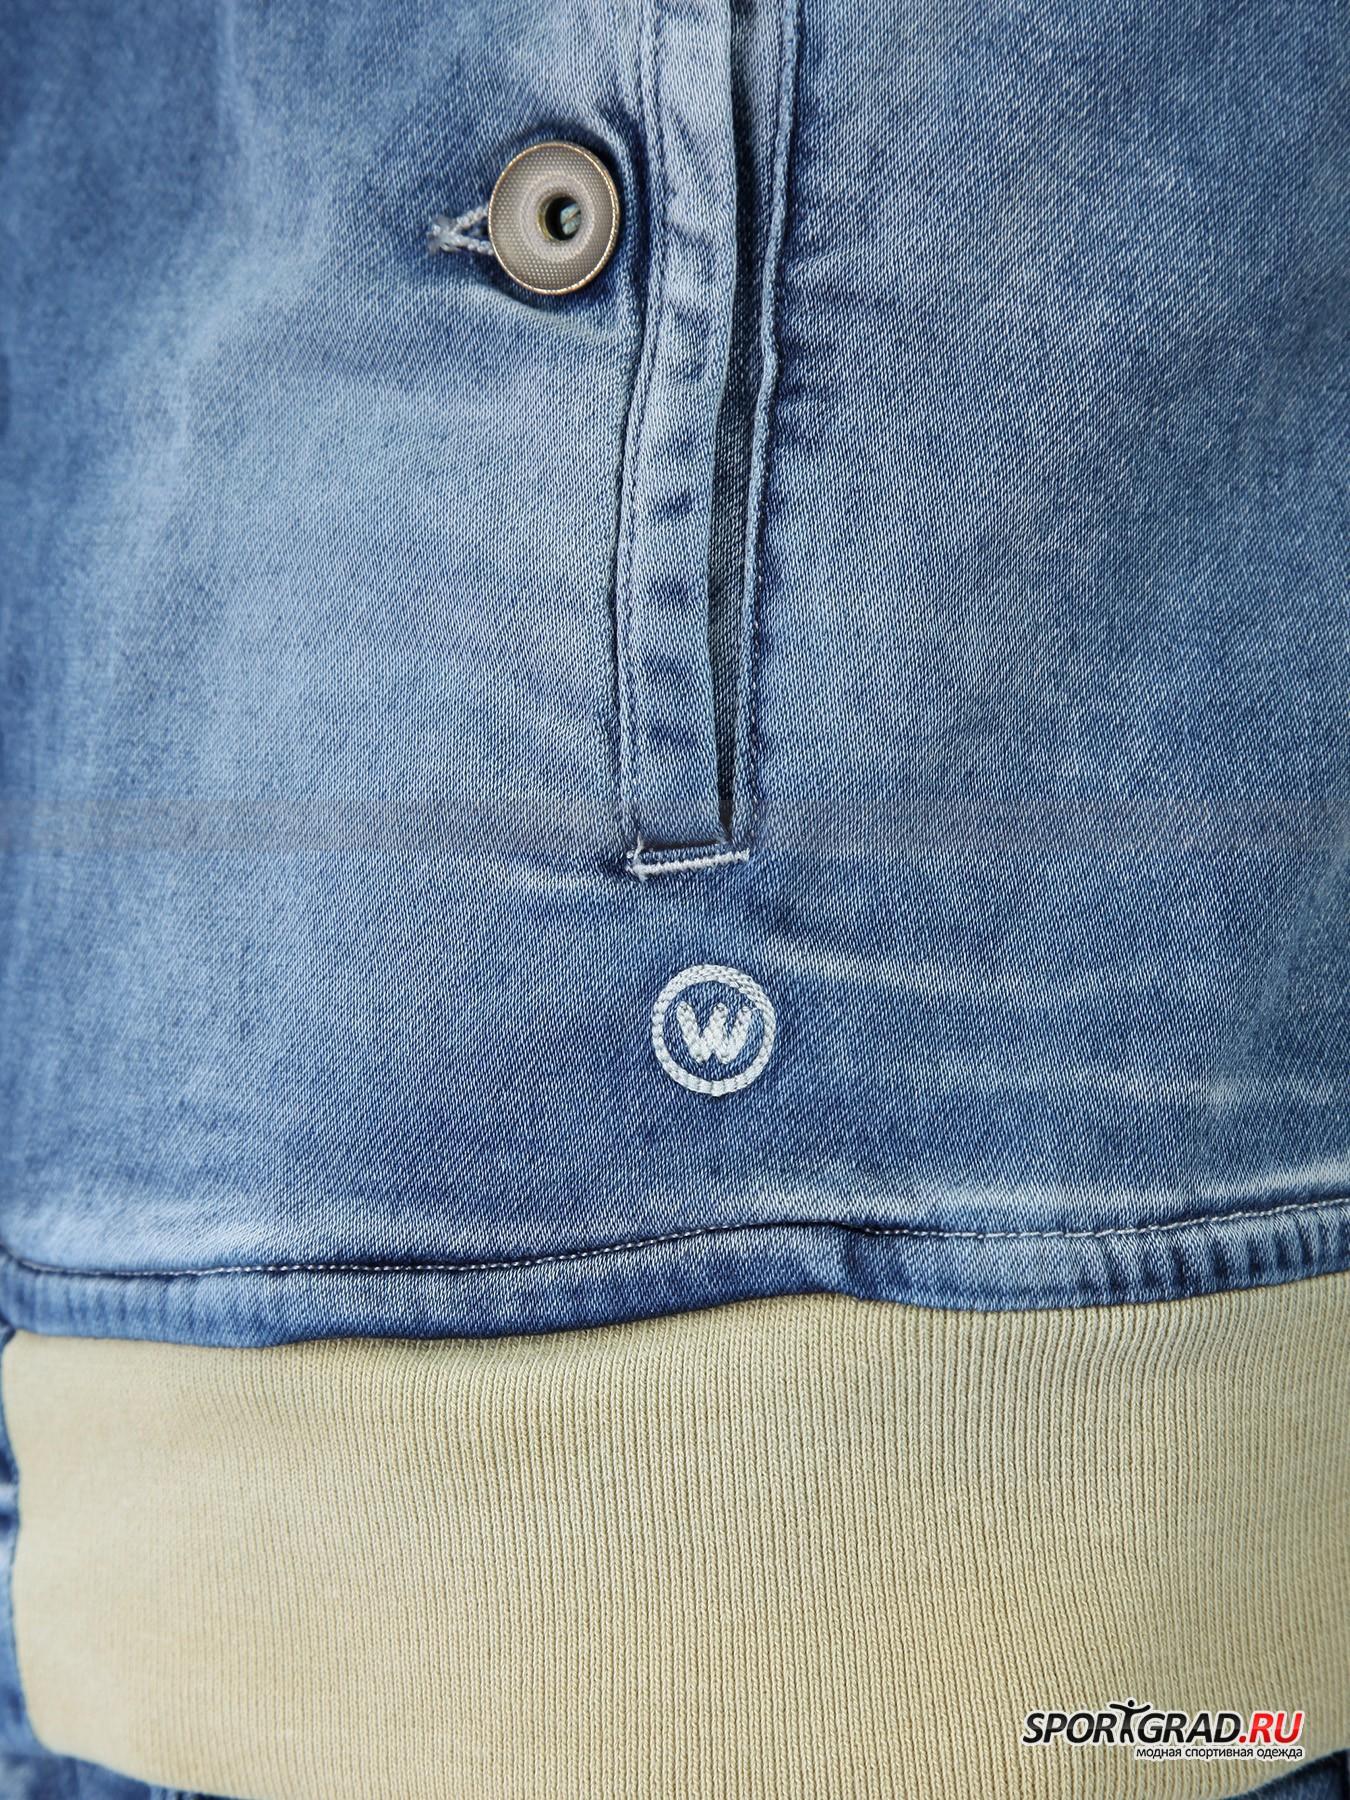 Куртка джинсовая WRIGHT`S от Спортград